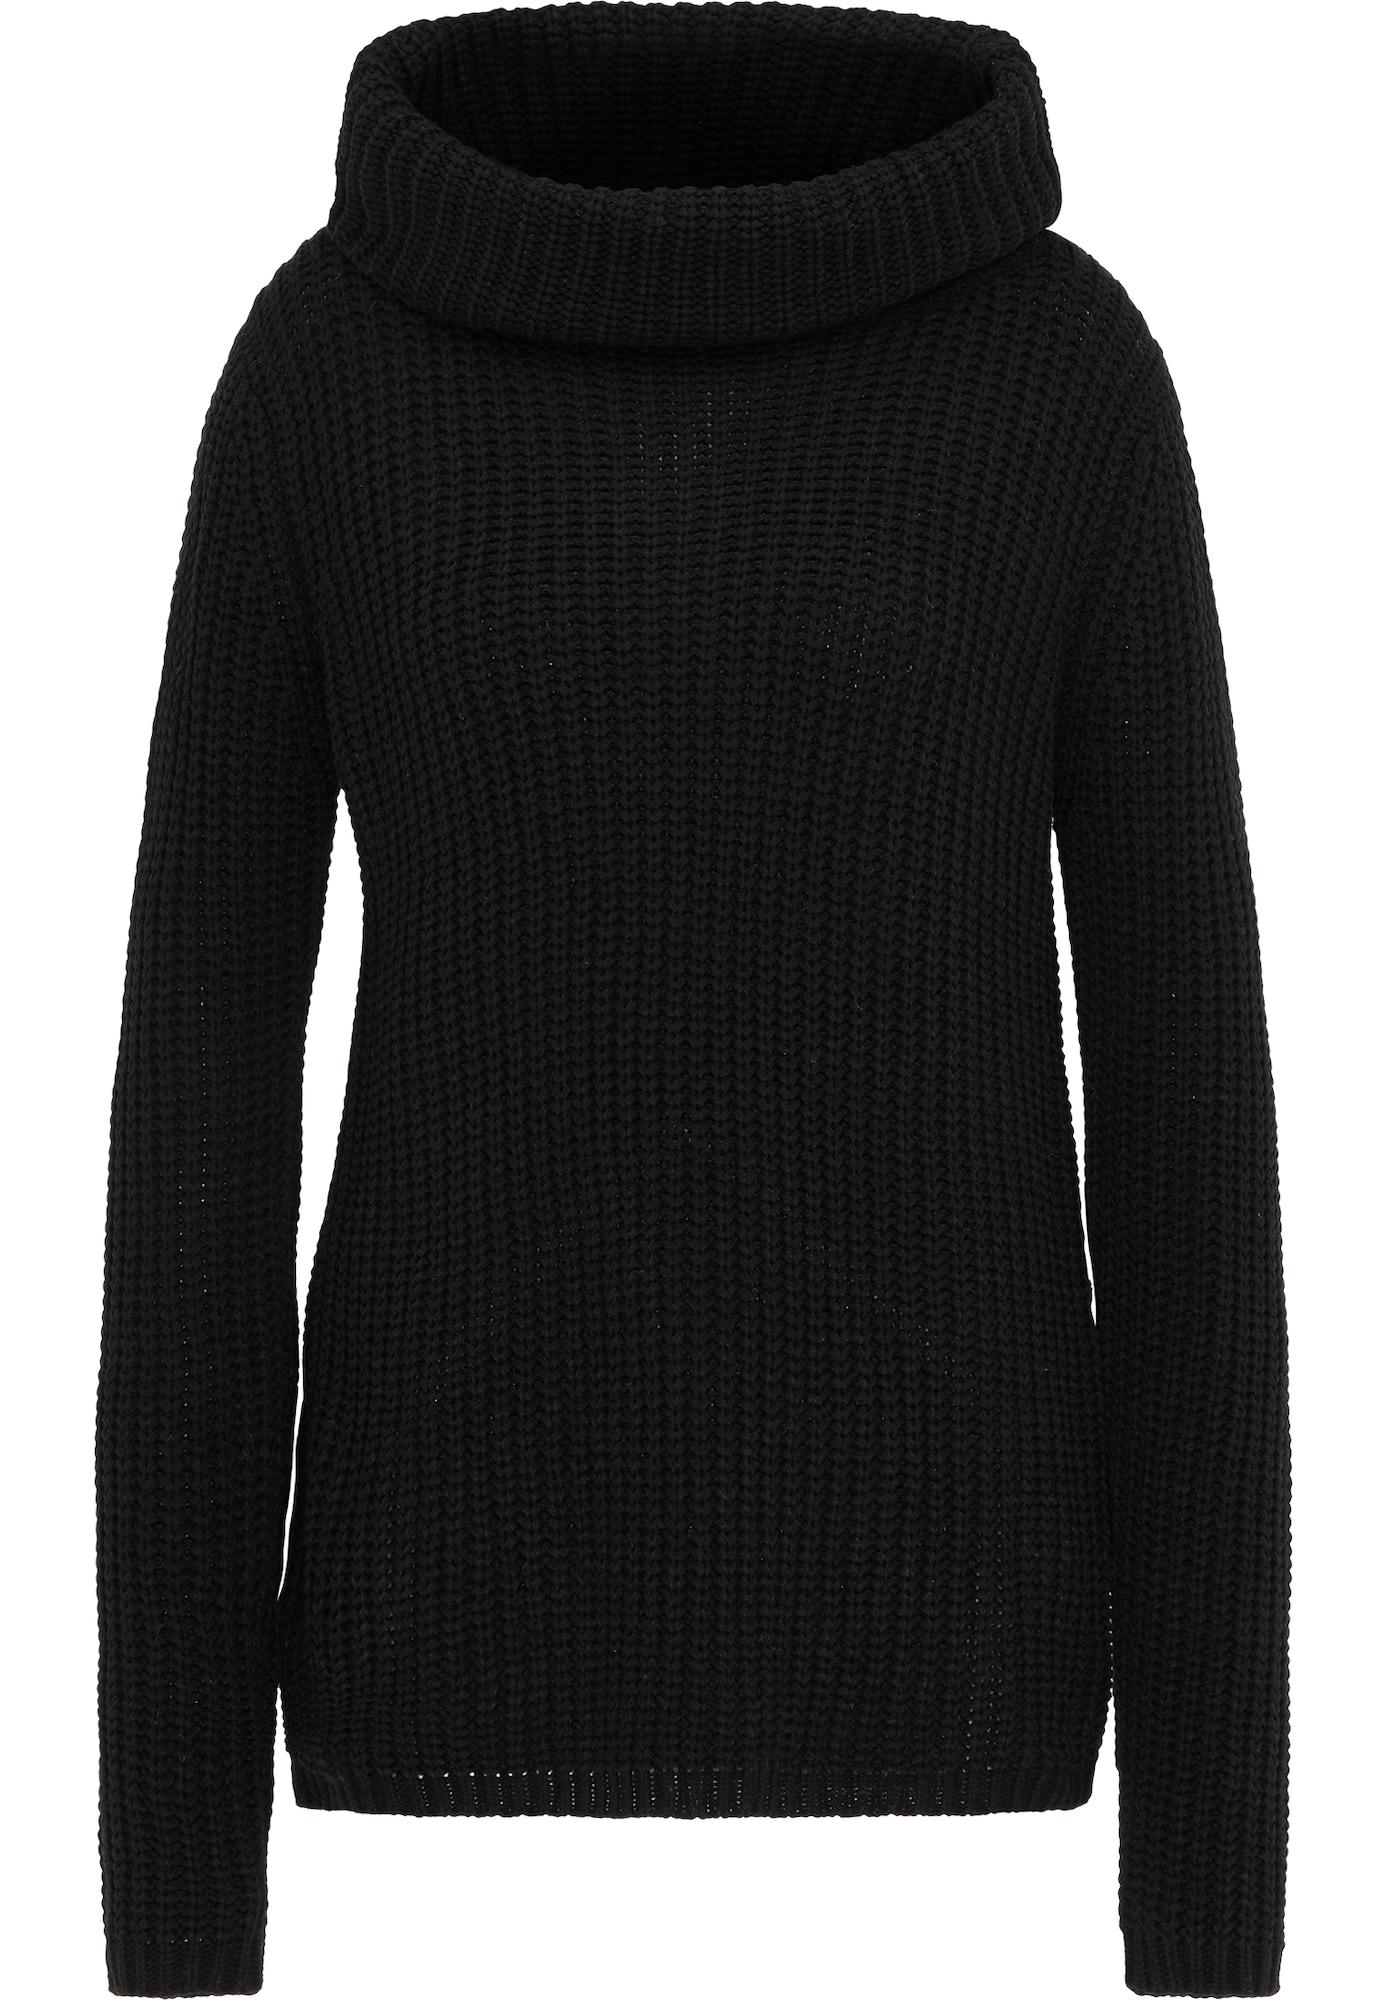 usha BLUE LABEL Laisvas megztinis juoda